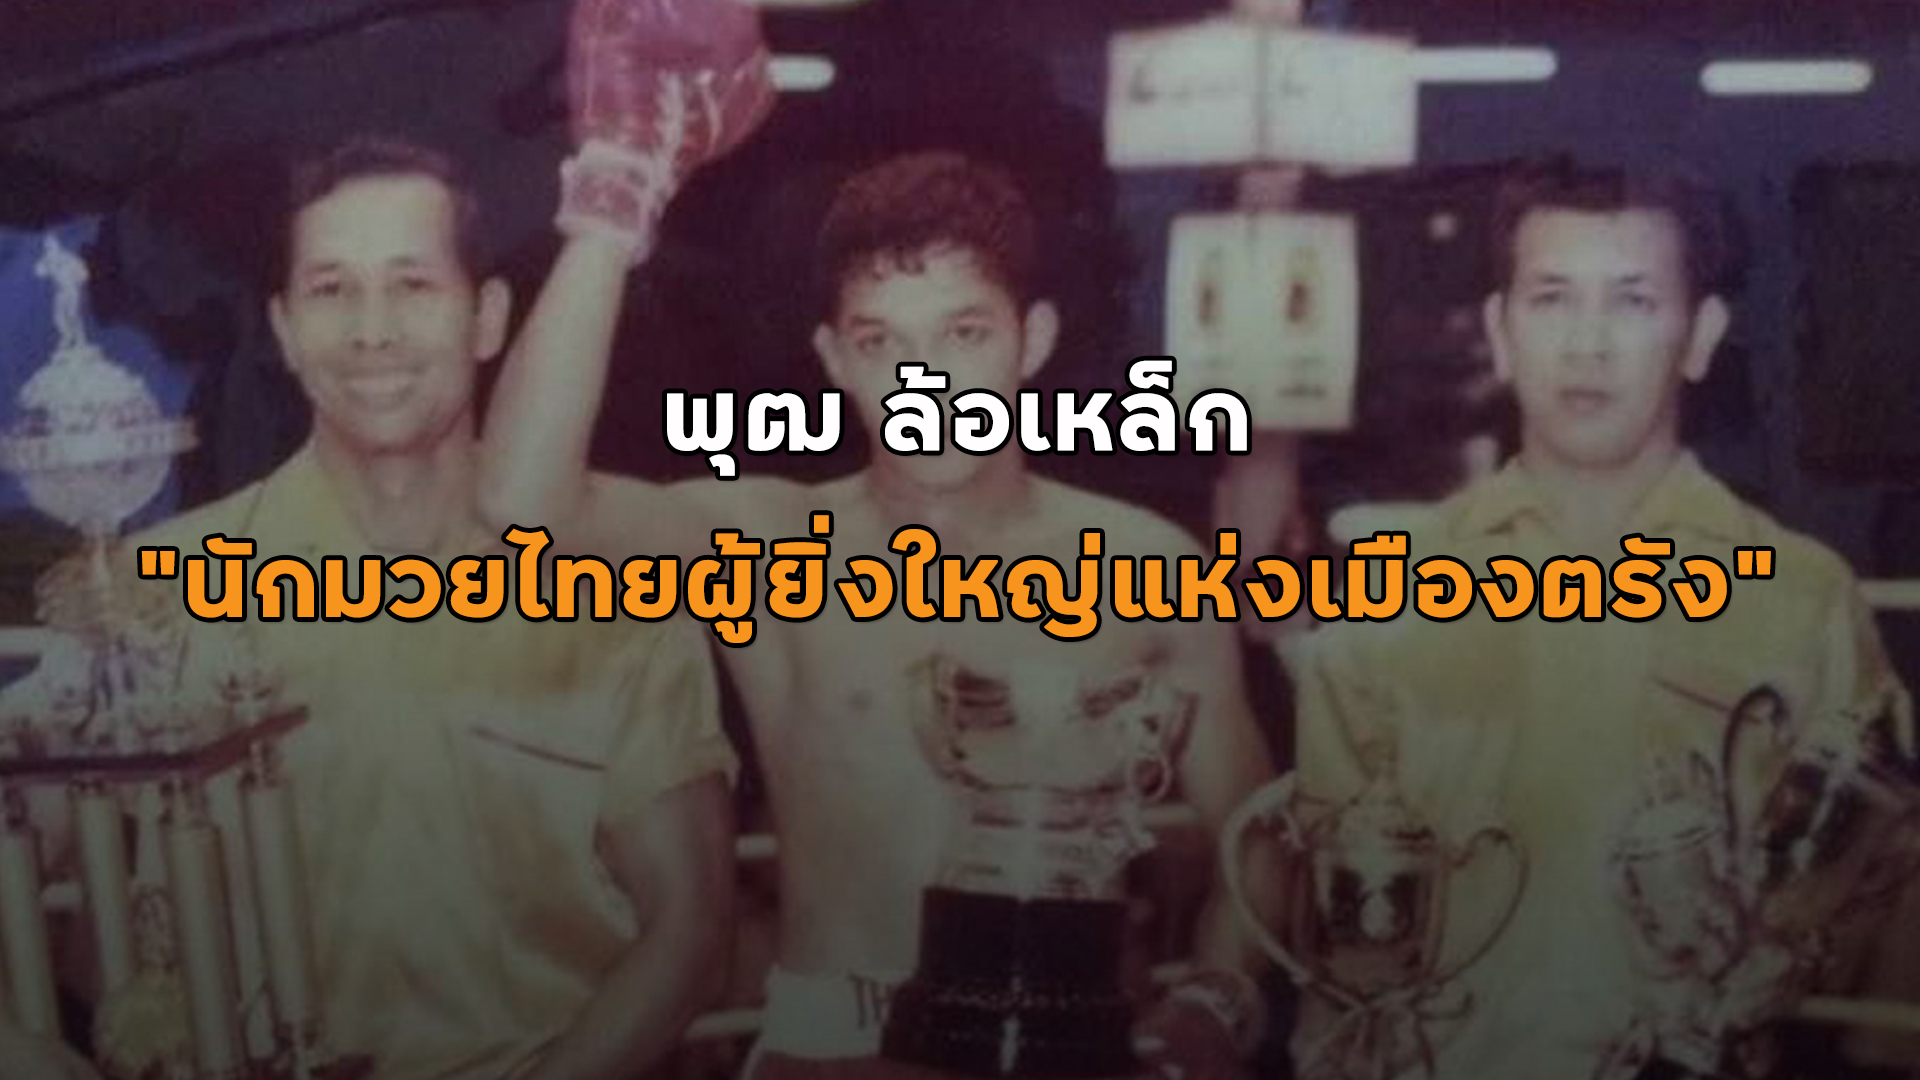 พุฒ ล้อเหล็ก นักมวยไทยผู้ยิ่งใหญ่แห่งเมืองตรัง